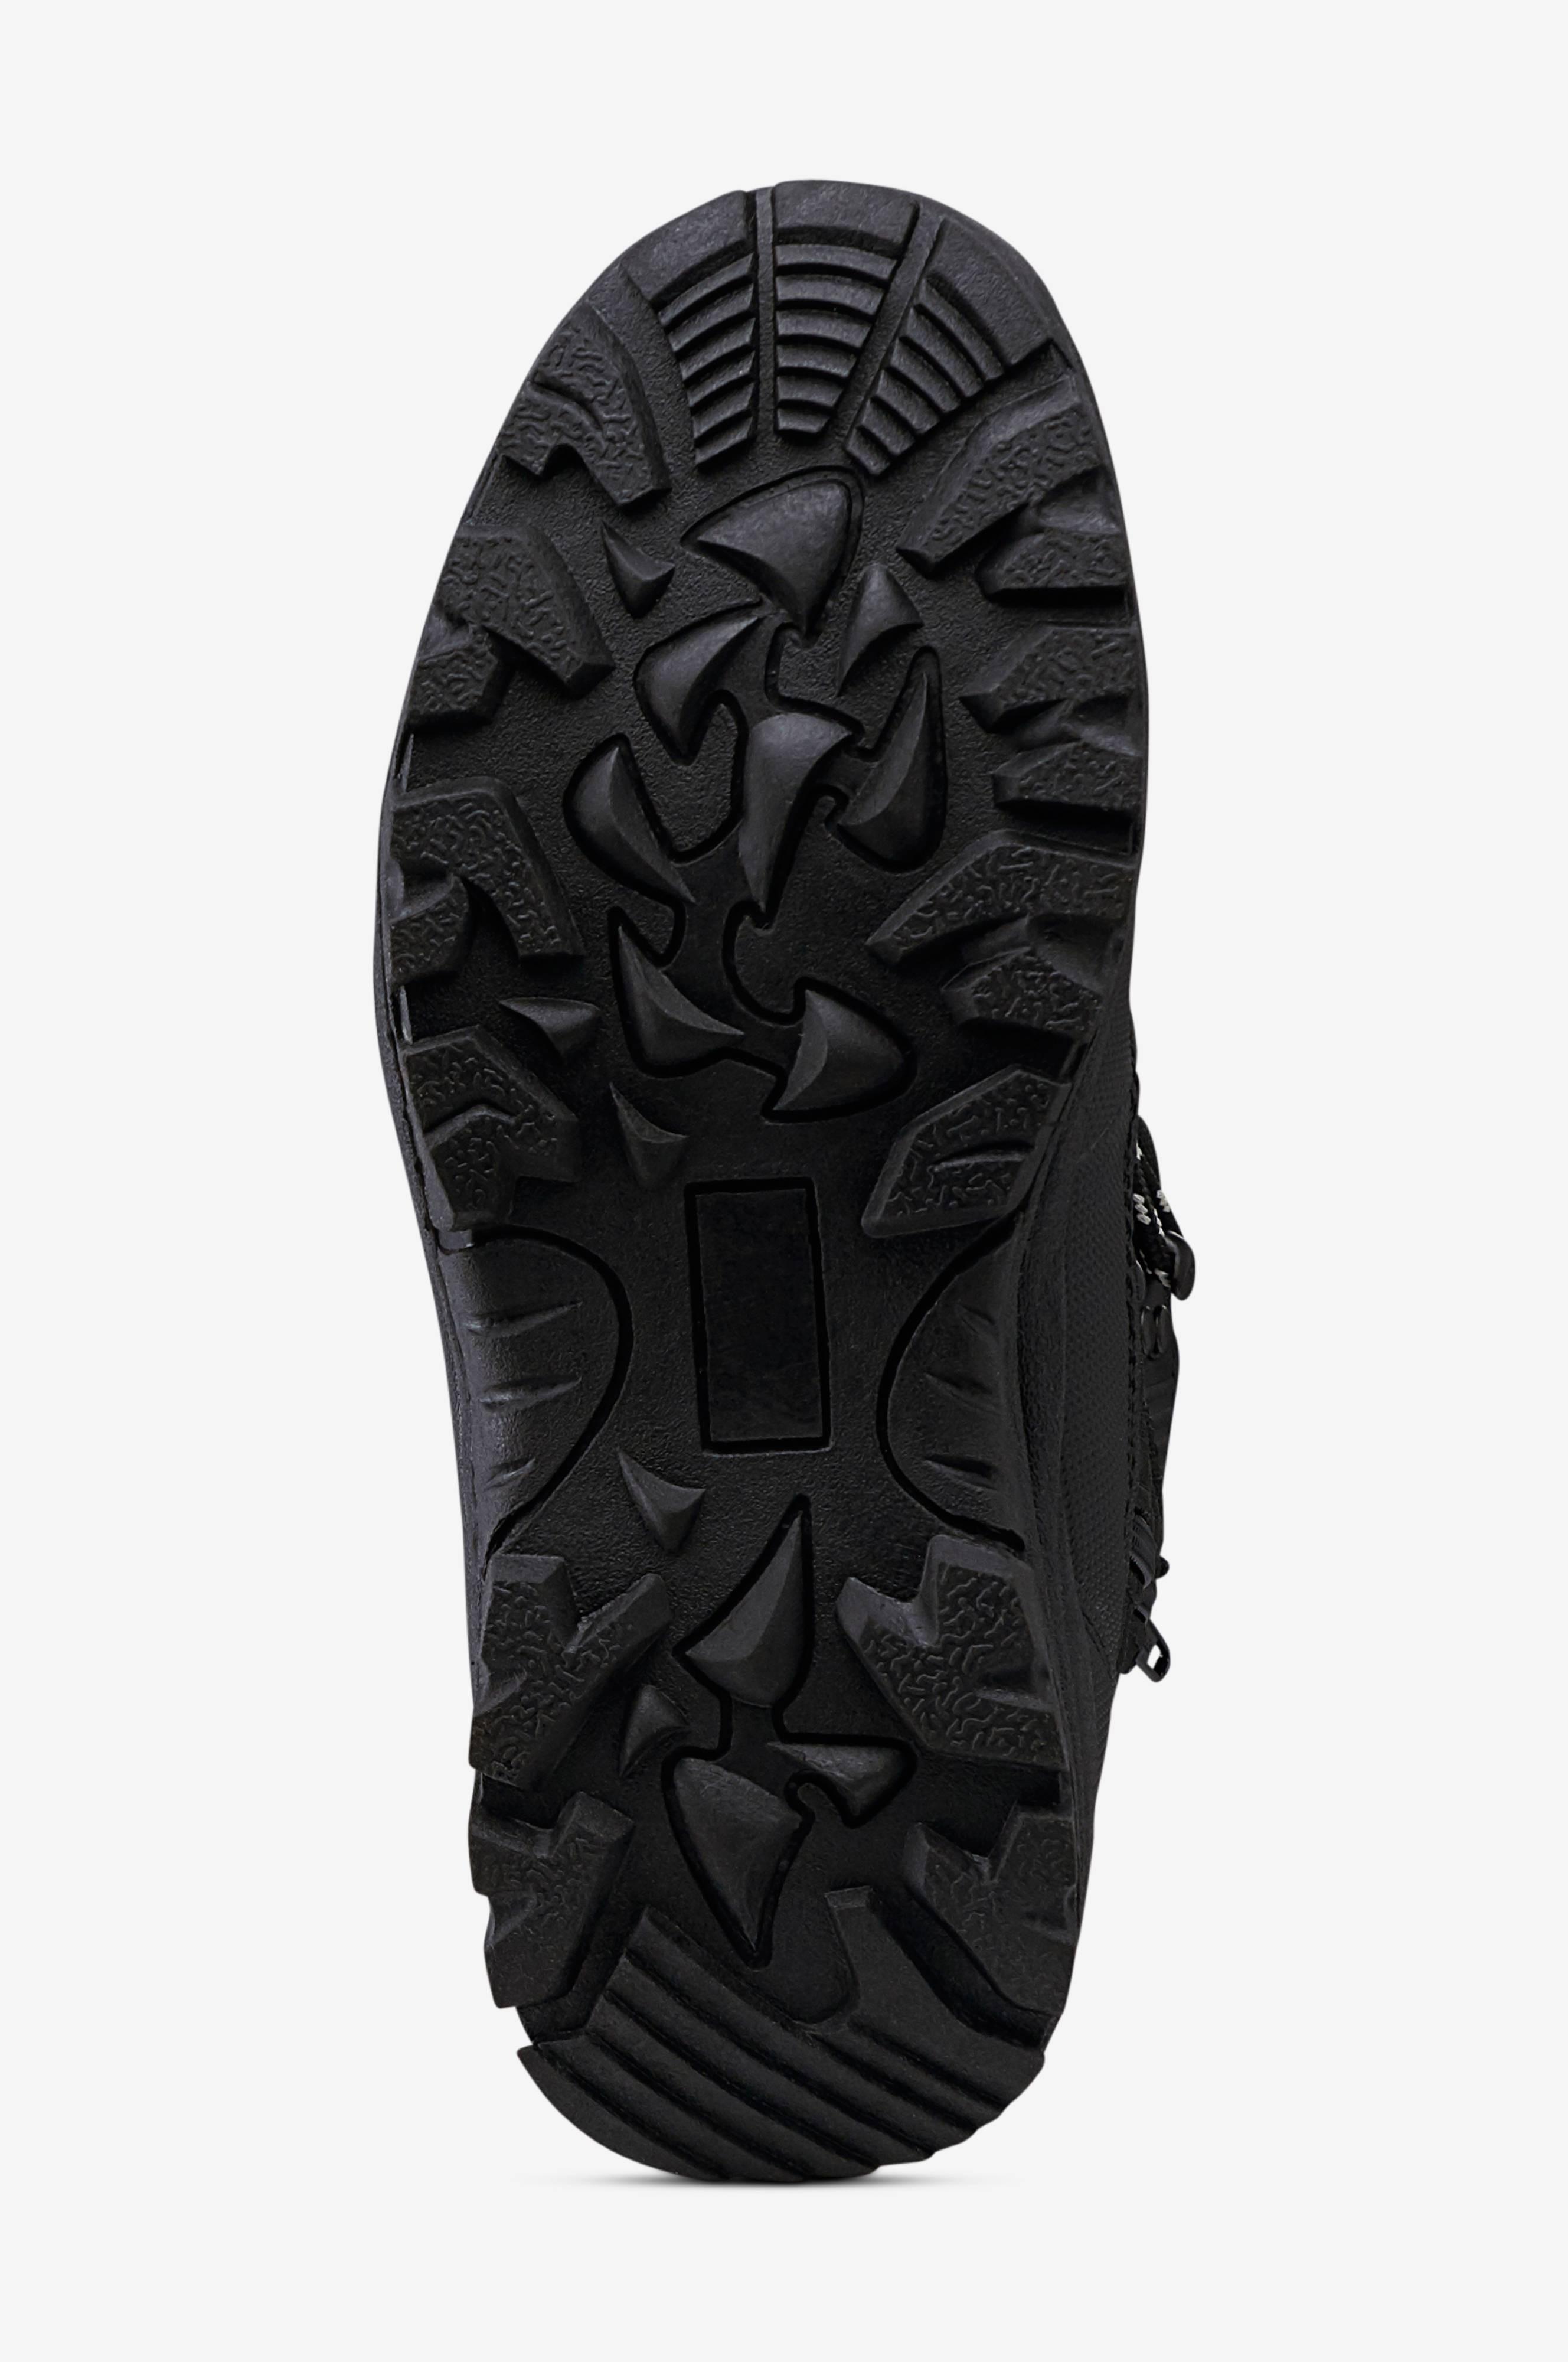 Vinterstøvle, varmforet